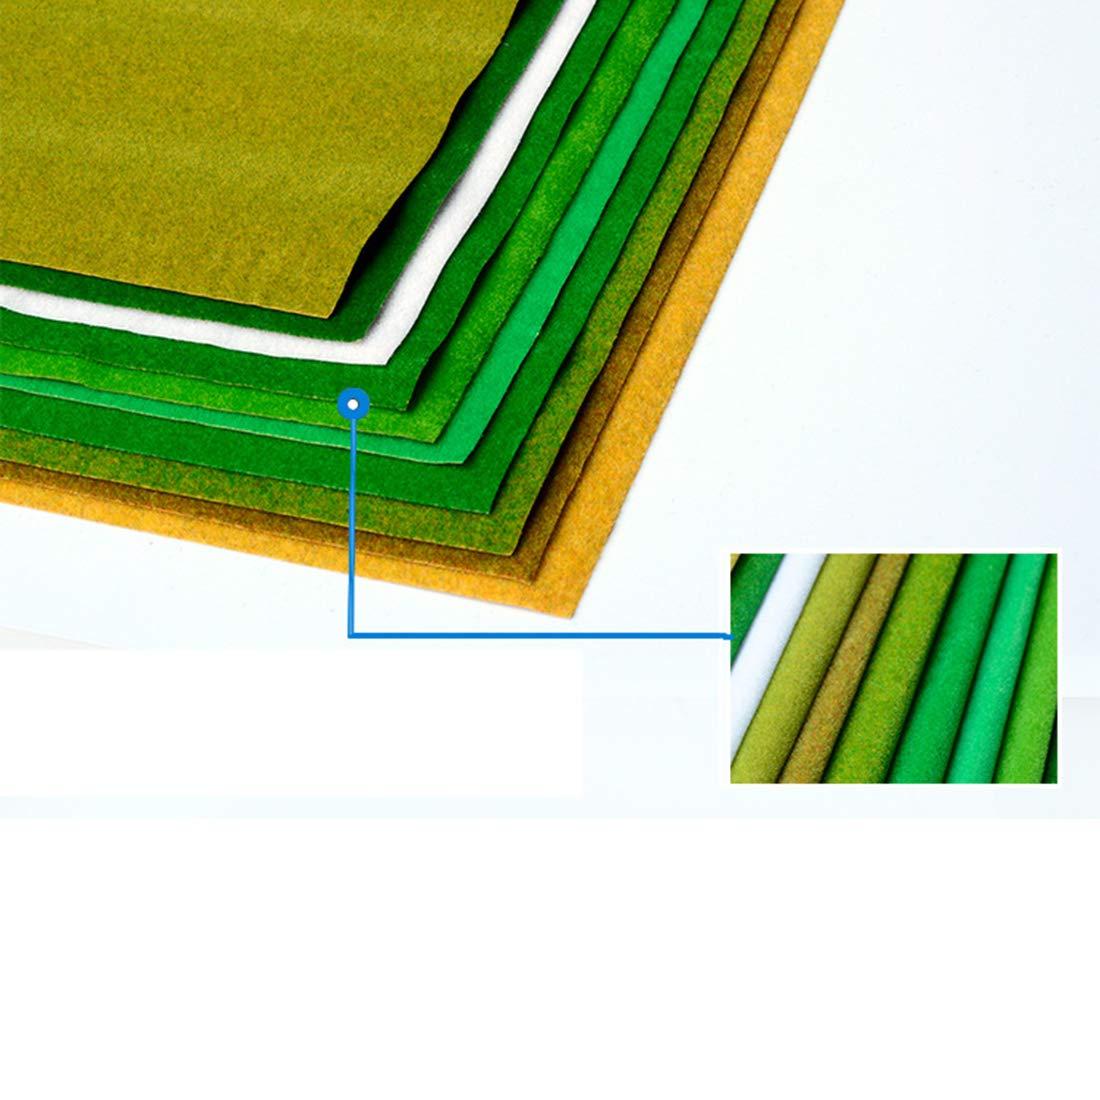 100 x 41 cm LOSGO Grasmatte Modellbau Gras Matte Deko Kunstrasen Grasmatte Wiese Miniatur Garten Deko